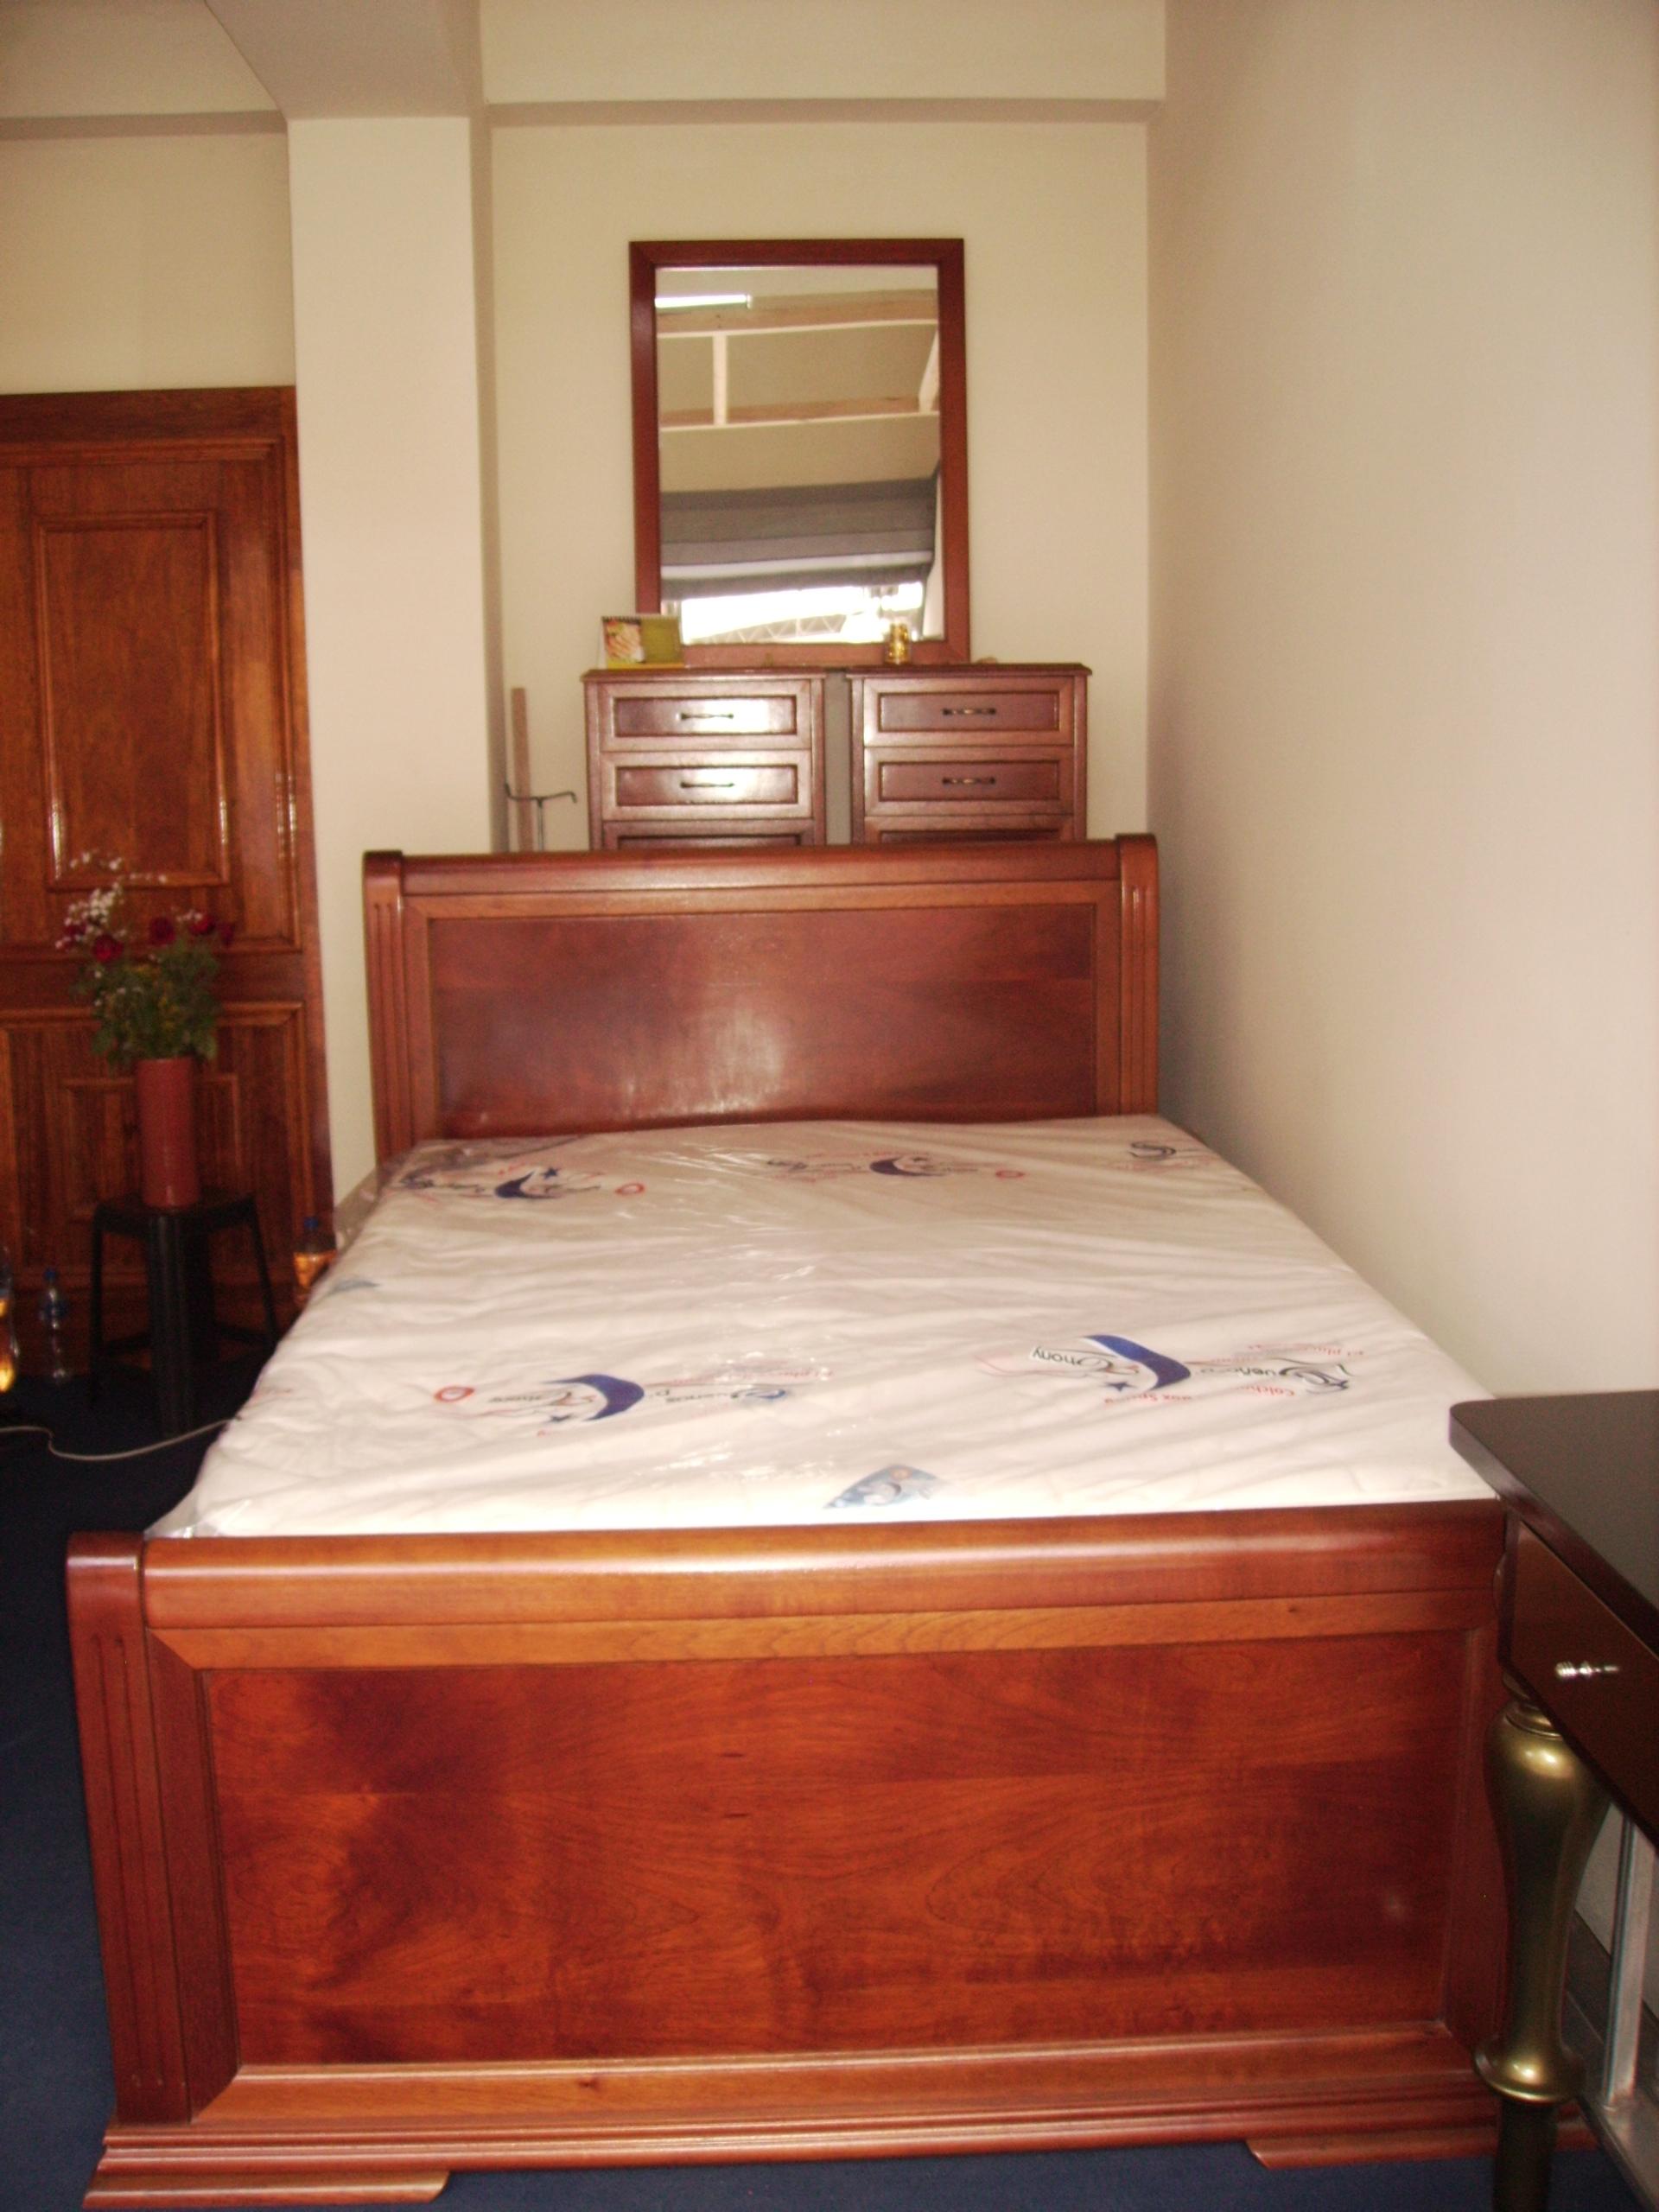 Juego De Dormitorio De 2 Plazas En Madera De Cedro